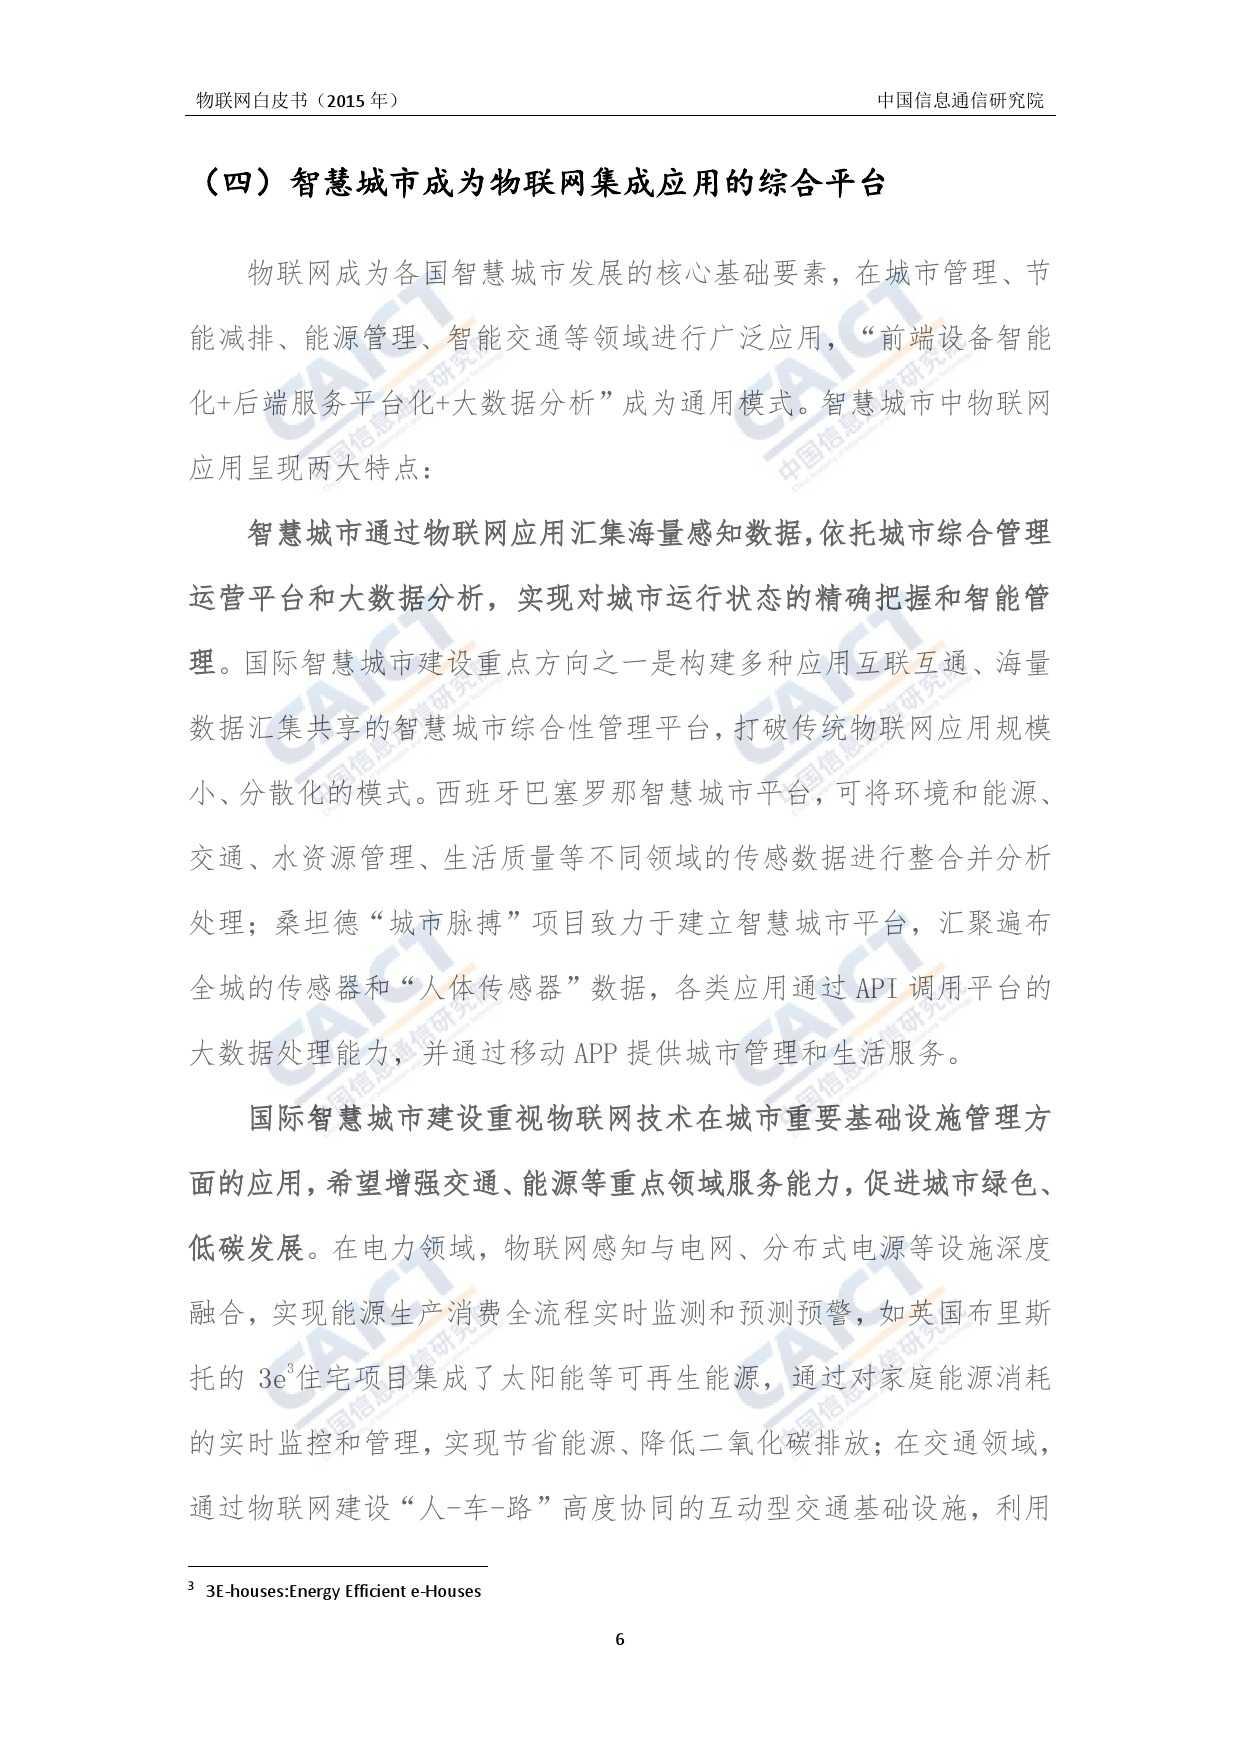 中国信息通信研究院:2015年物联网白皮书_000010